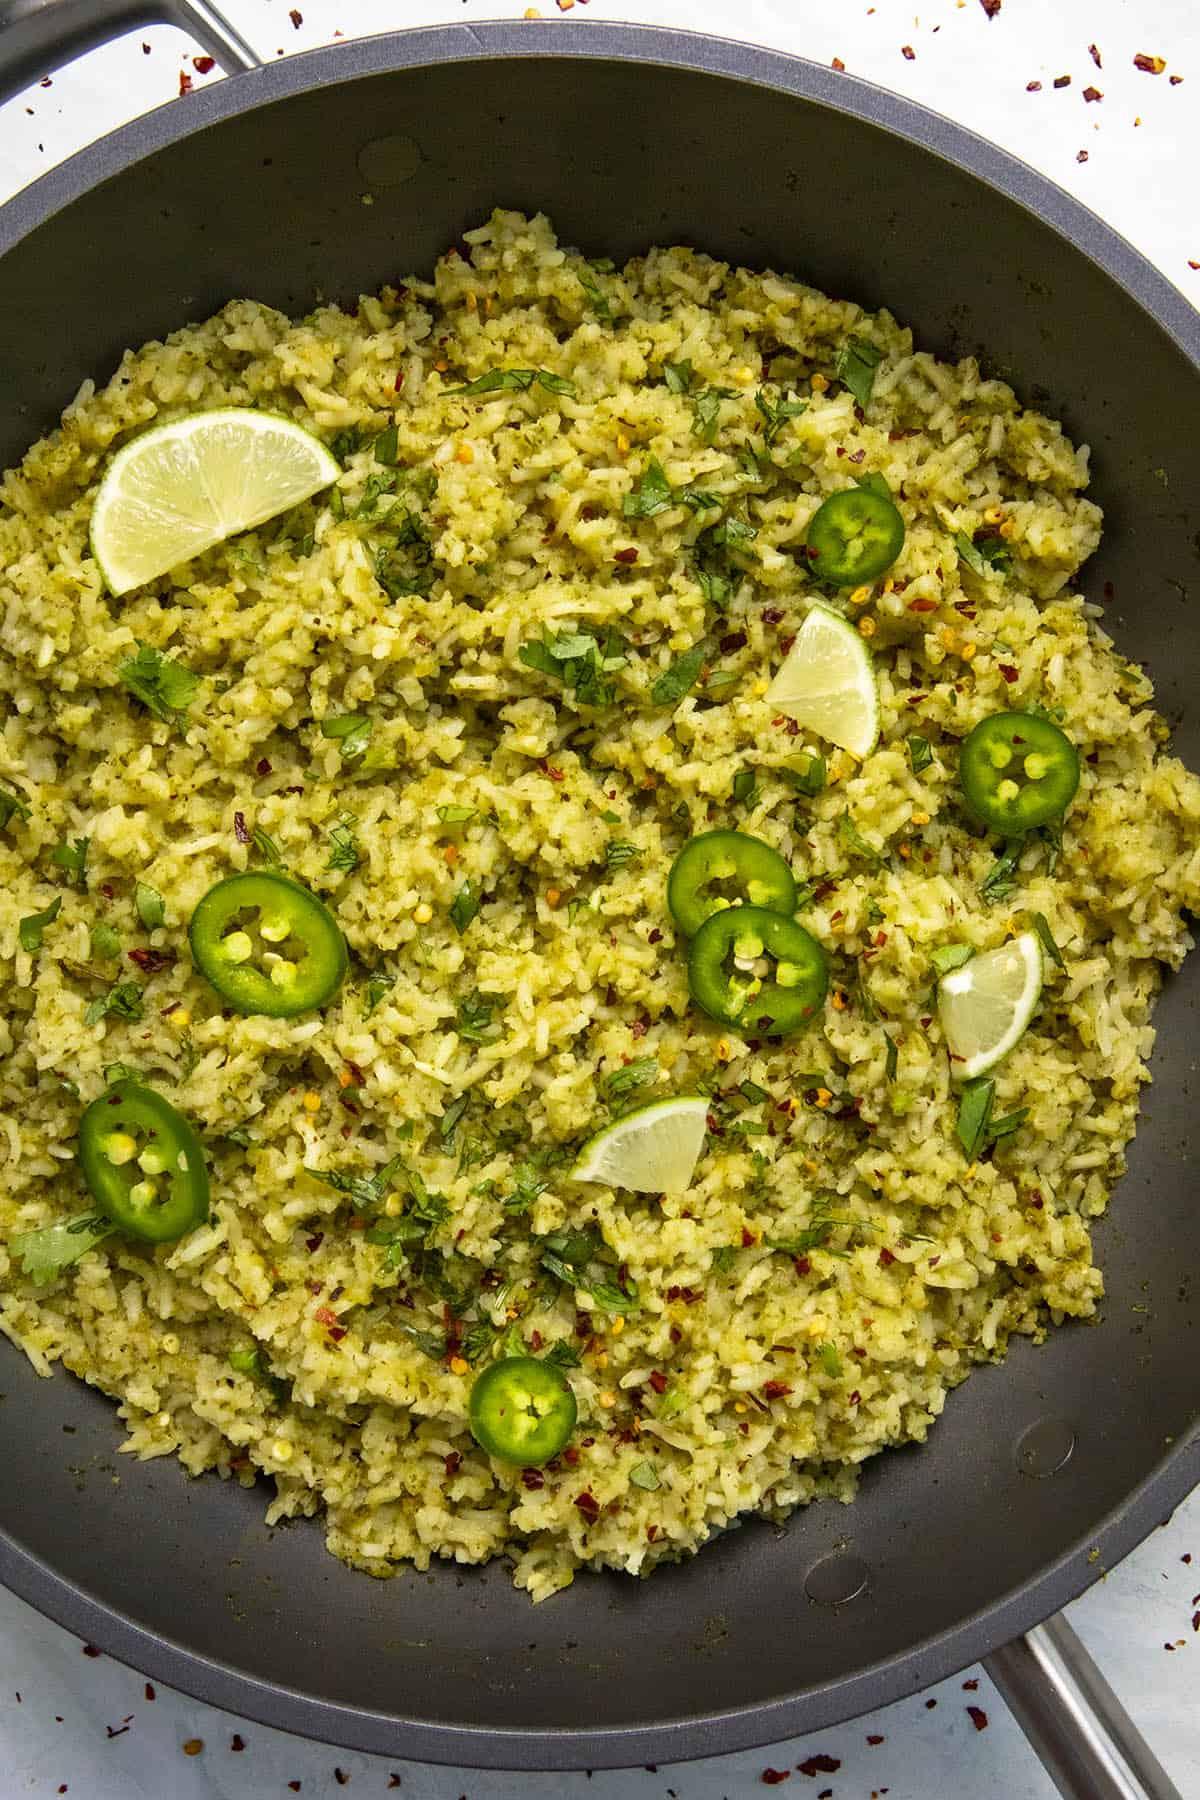 Arroz Verde in a hot pan